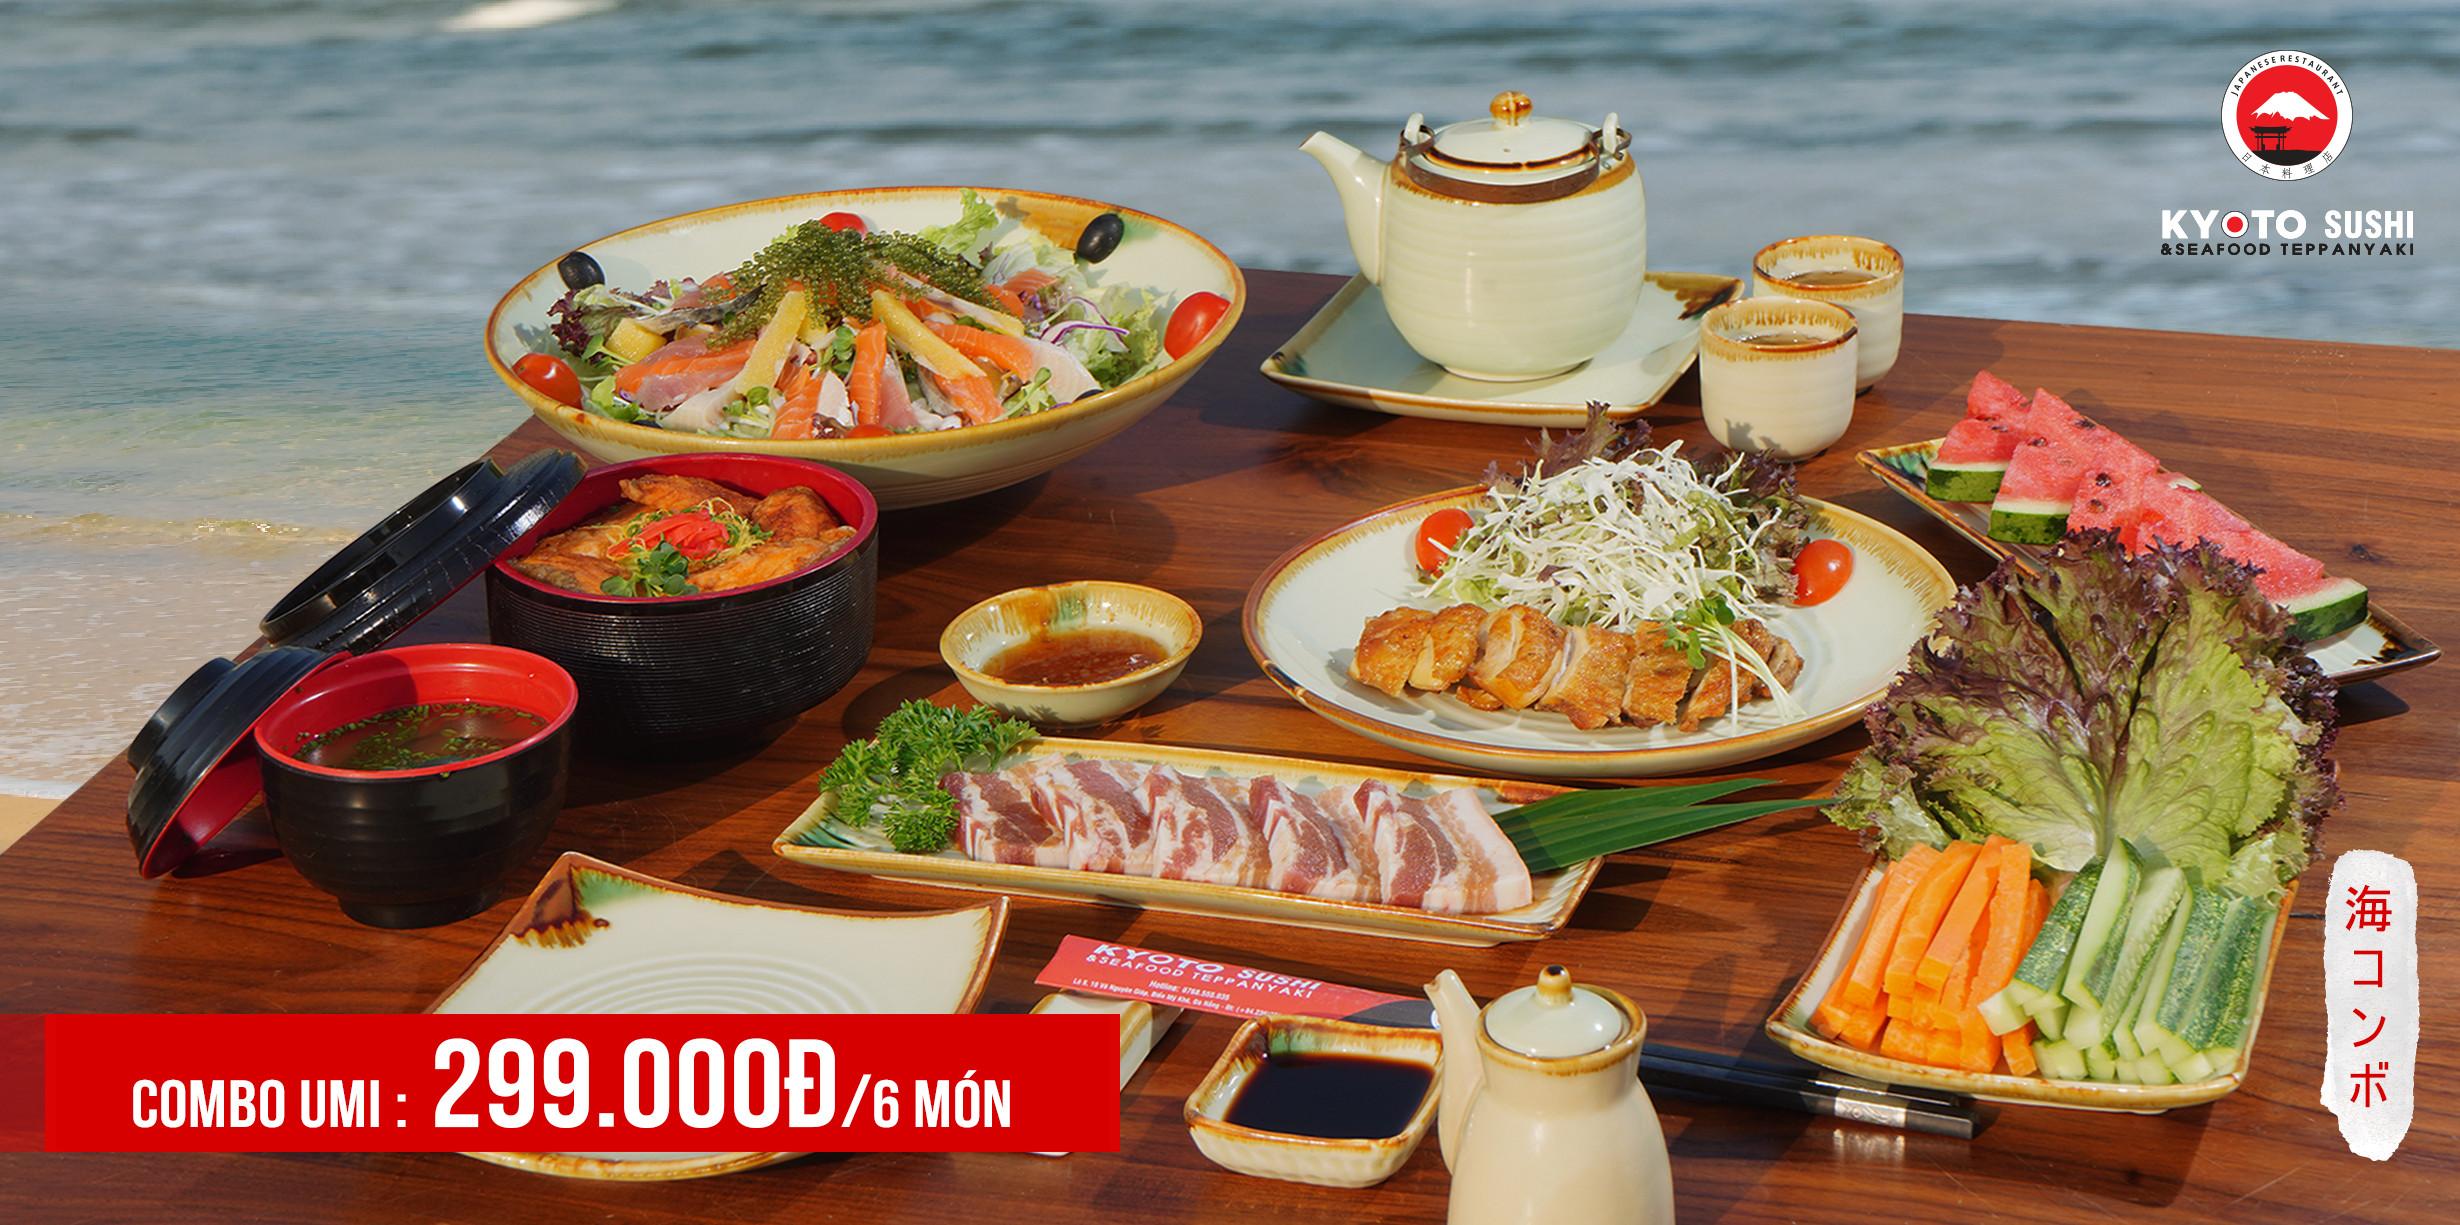 Combo Umi Sóng (うみ): 299.000Đ/ 6 món (dành cho 2 người)